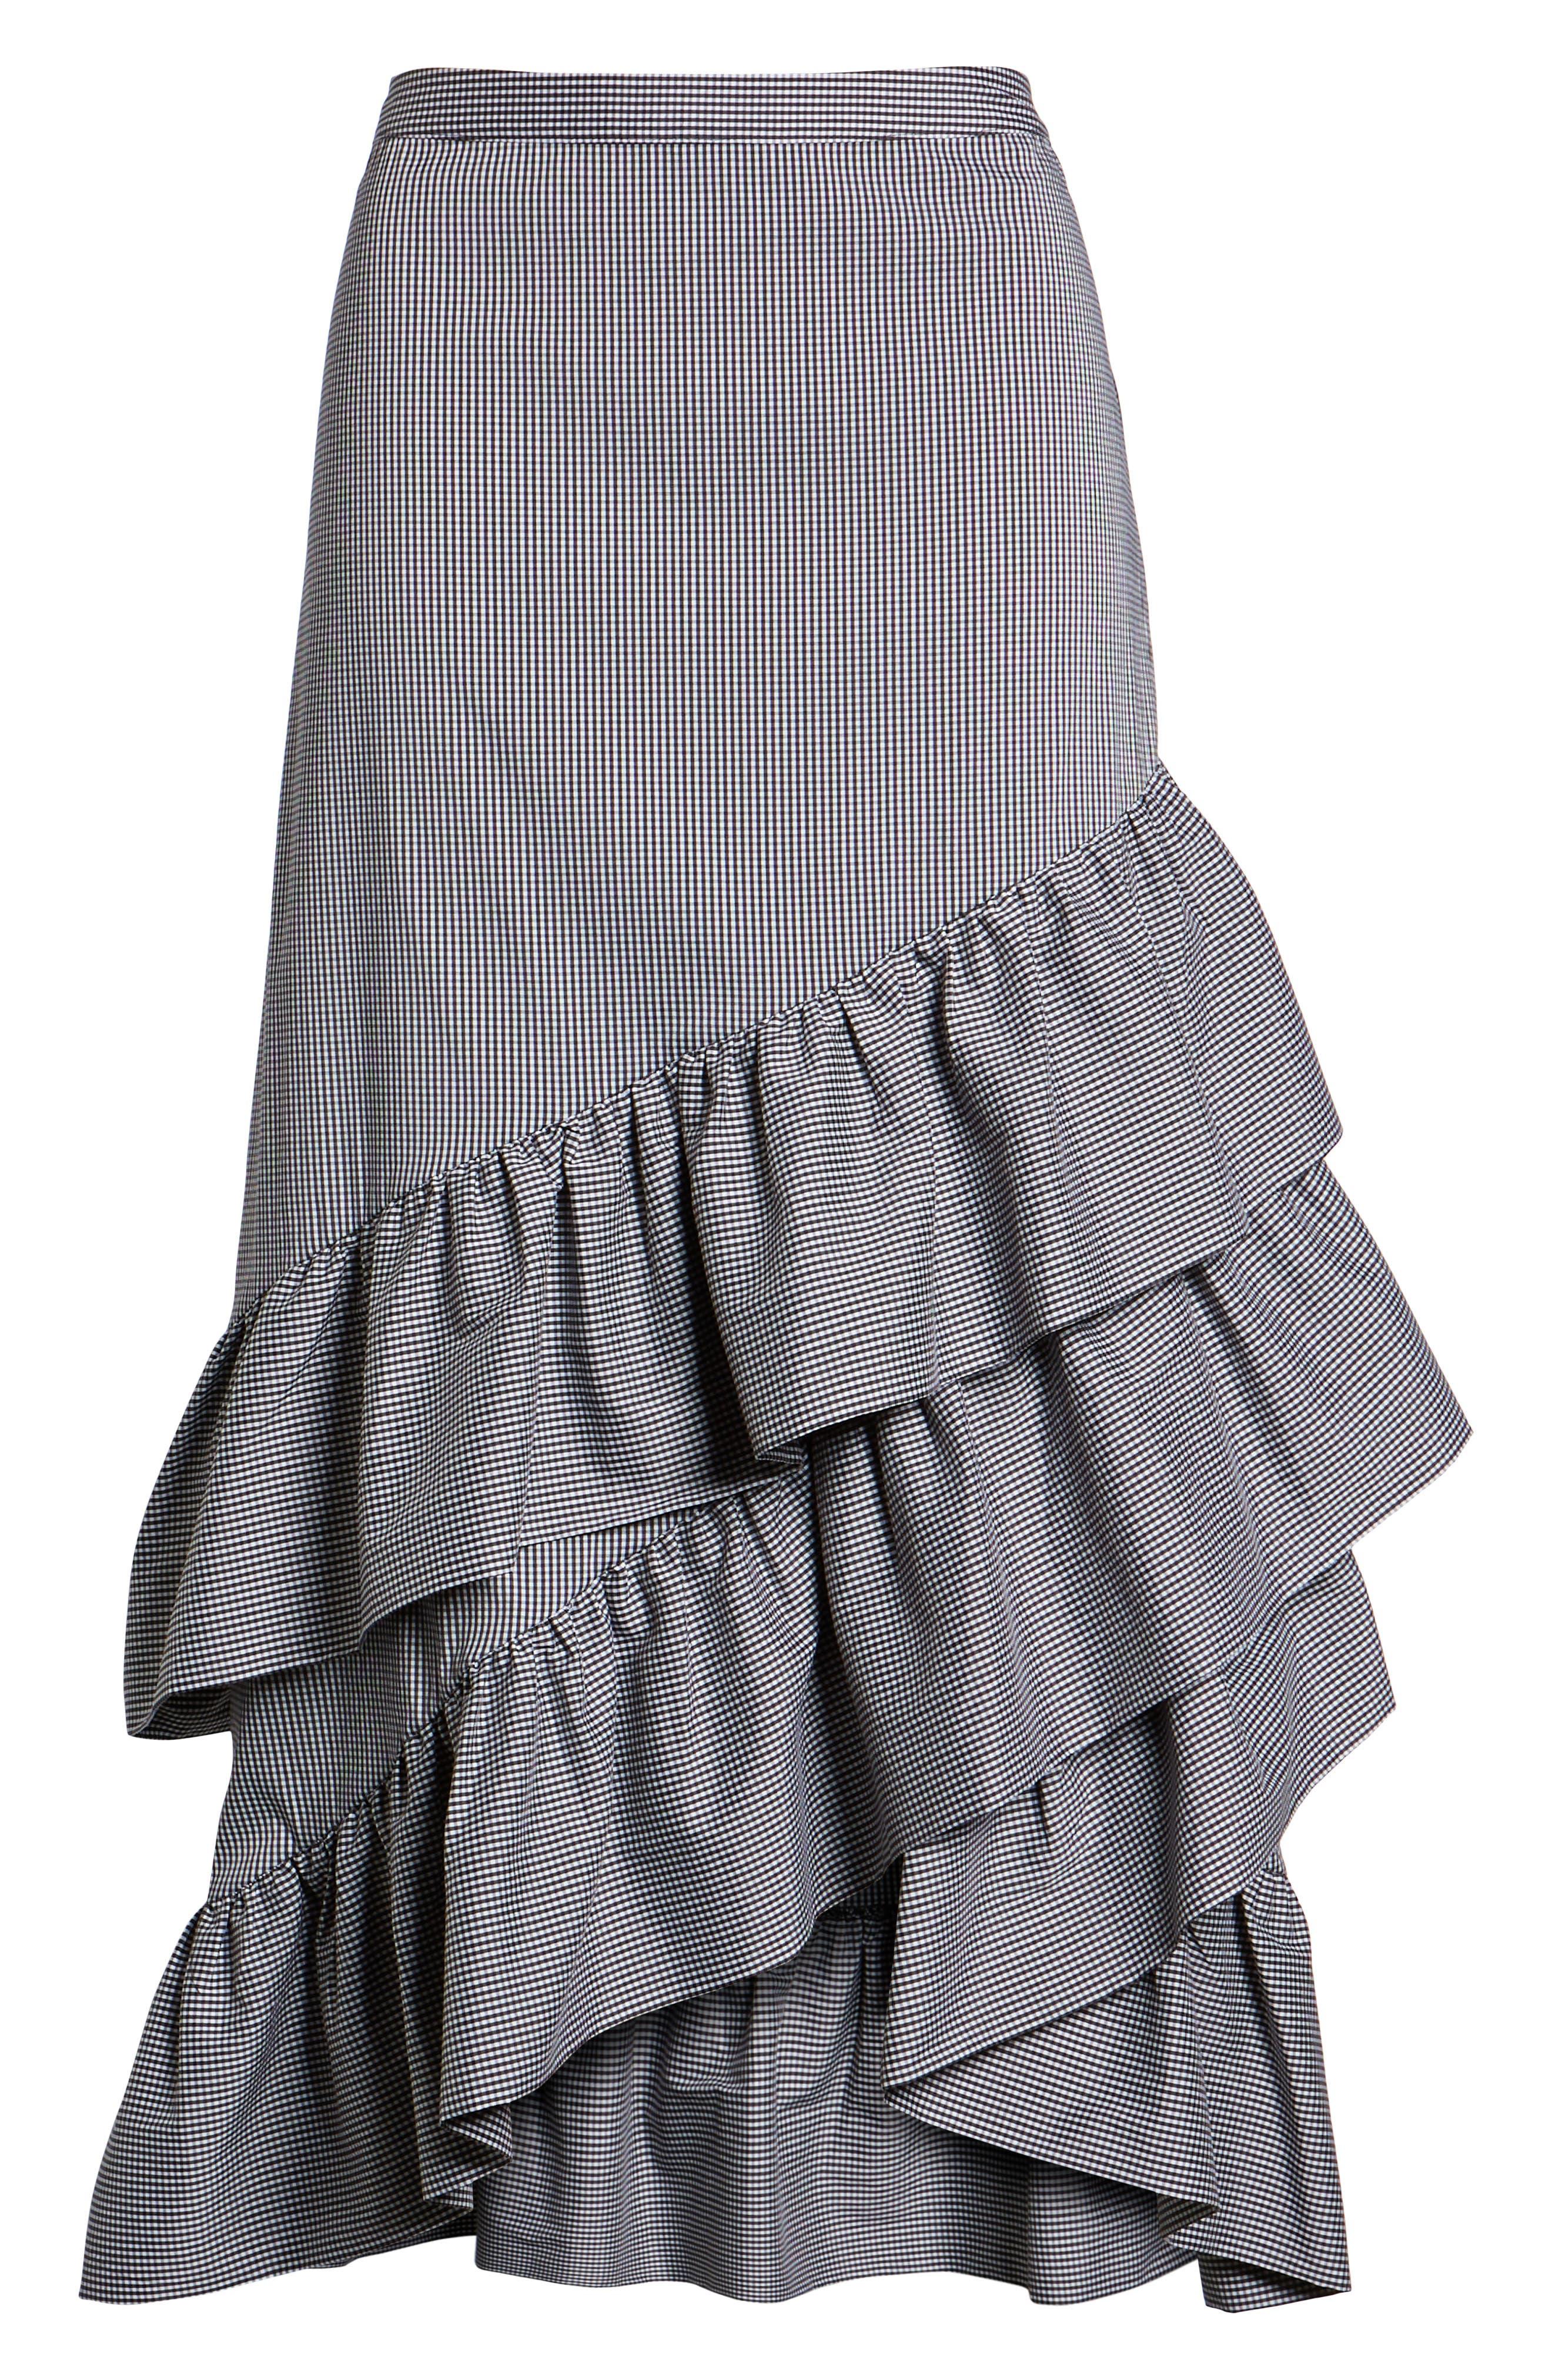 Gingham Ruffle Skirt,                             Alternate thumbnail 6, color,                             Black- White Mini Gingham